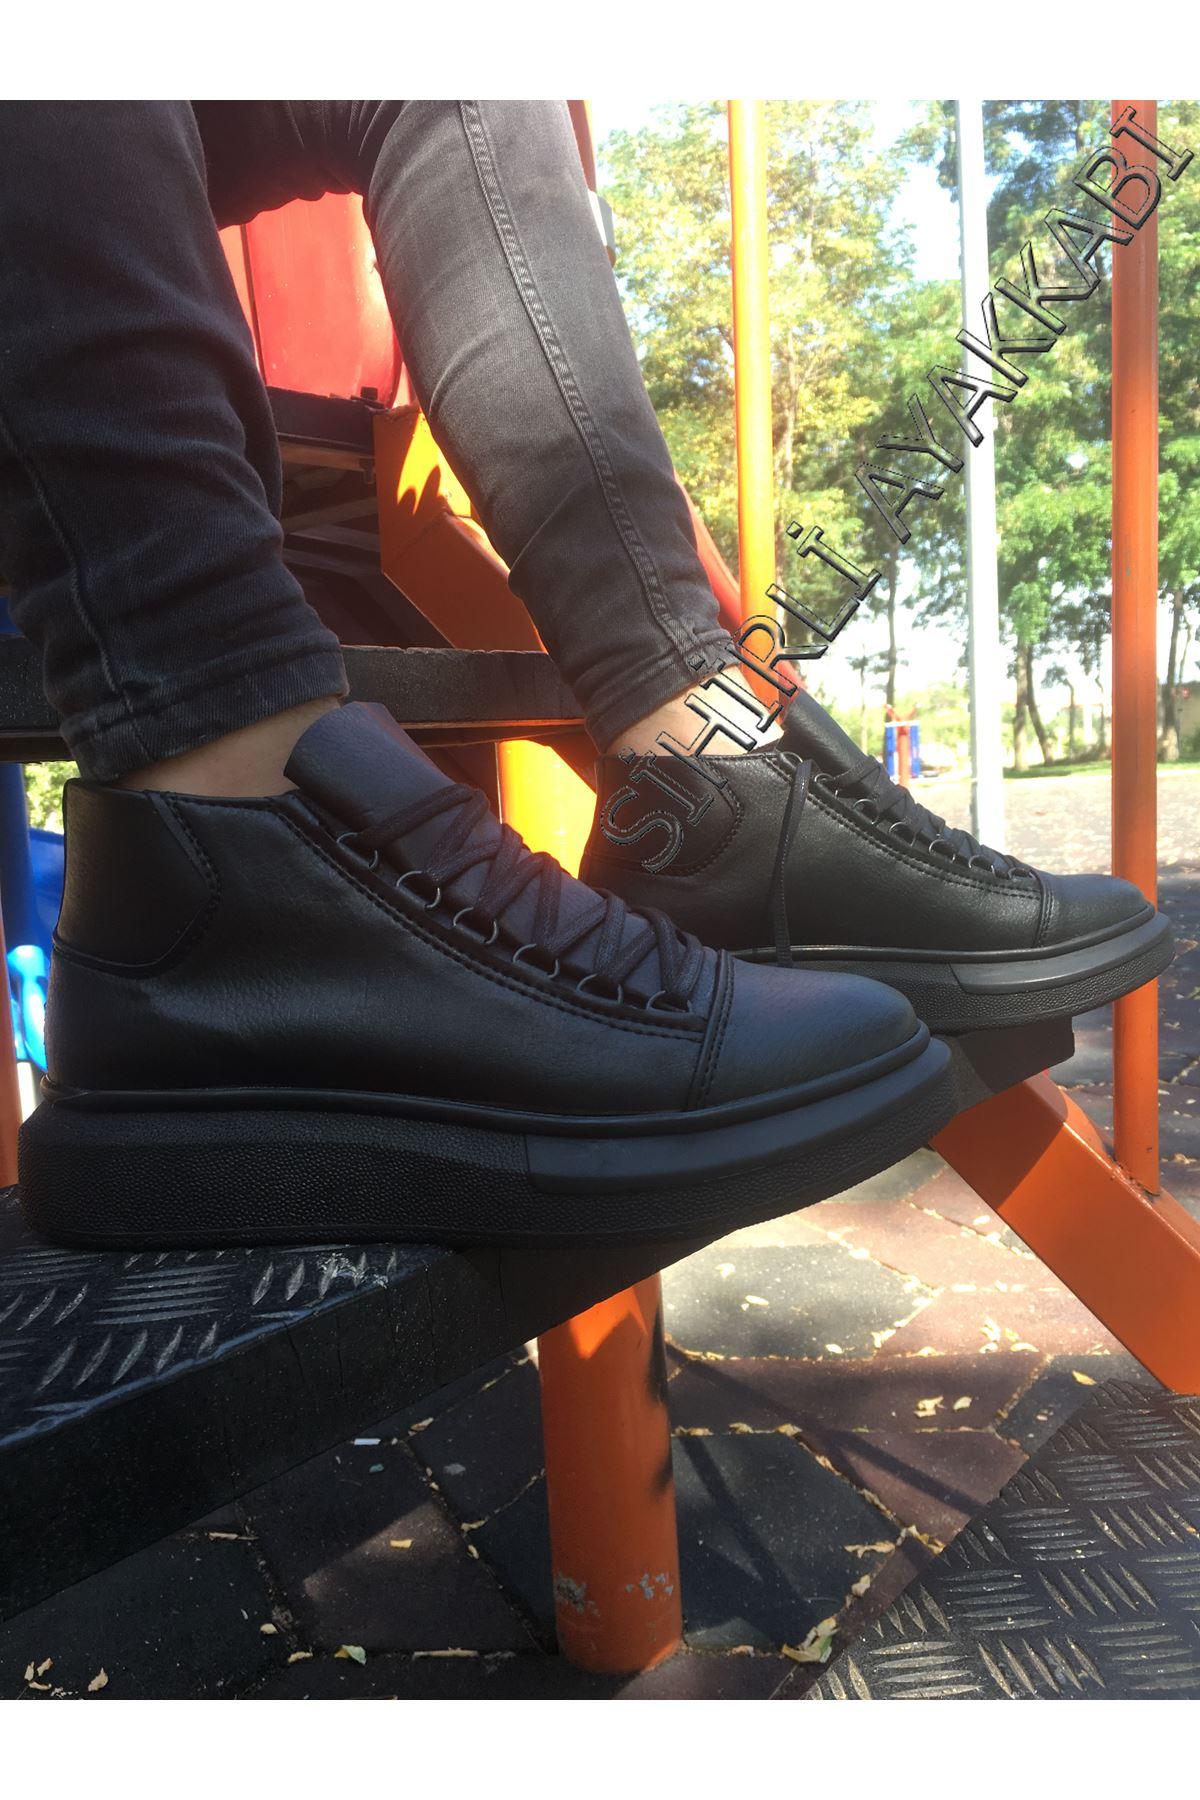 Boy Uzatan Gizli Topuk Bot Model Yüksek Taban Siyah Erkek Ayakkabı